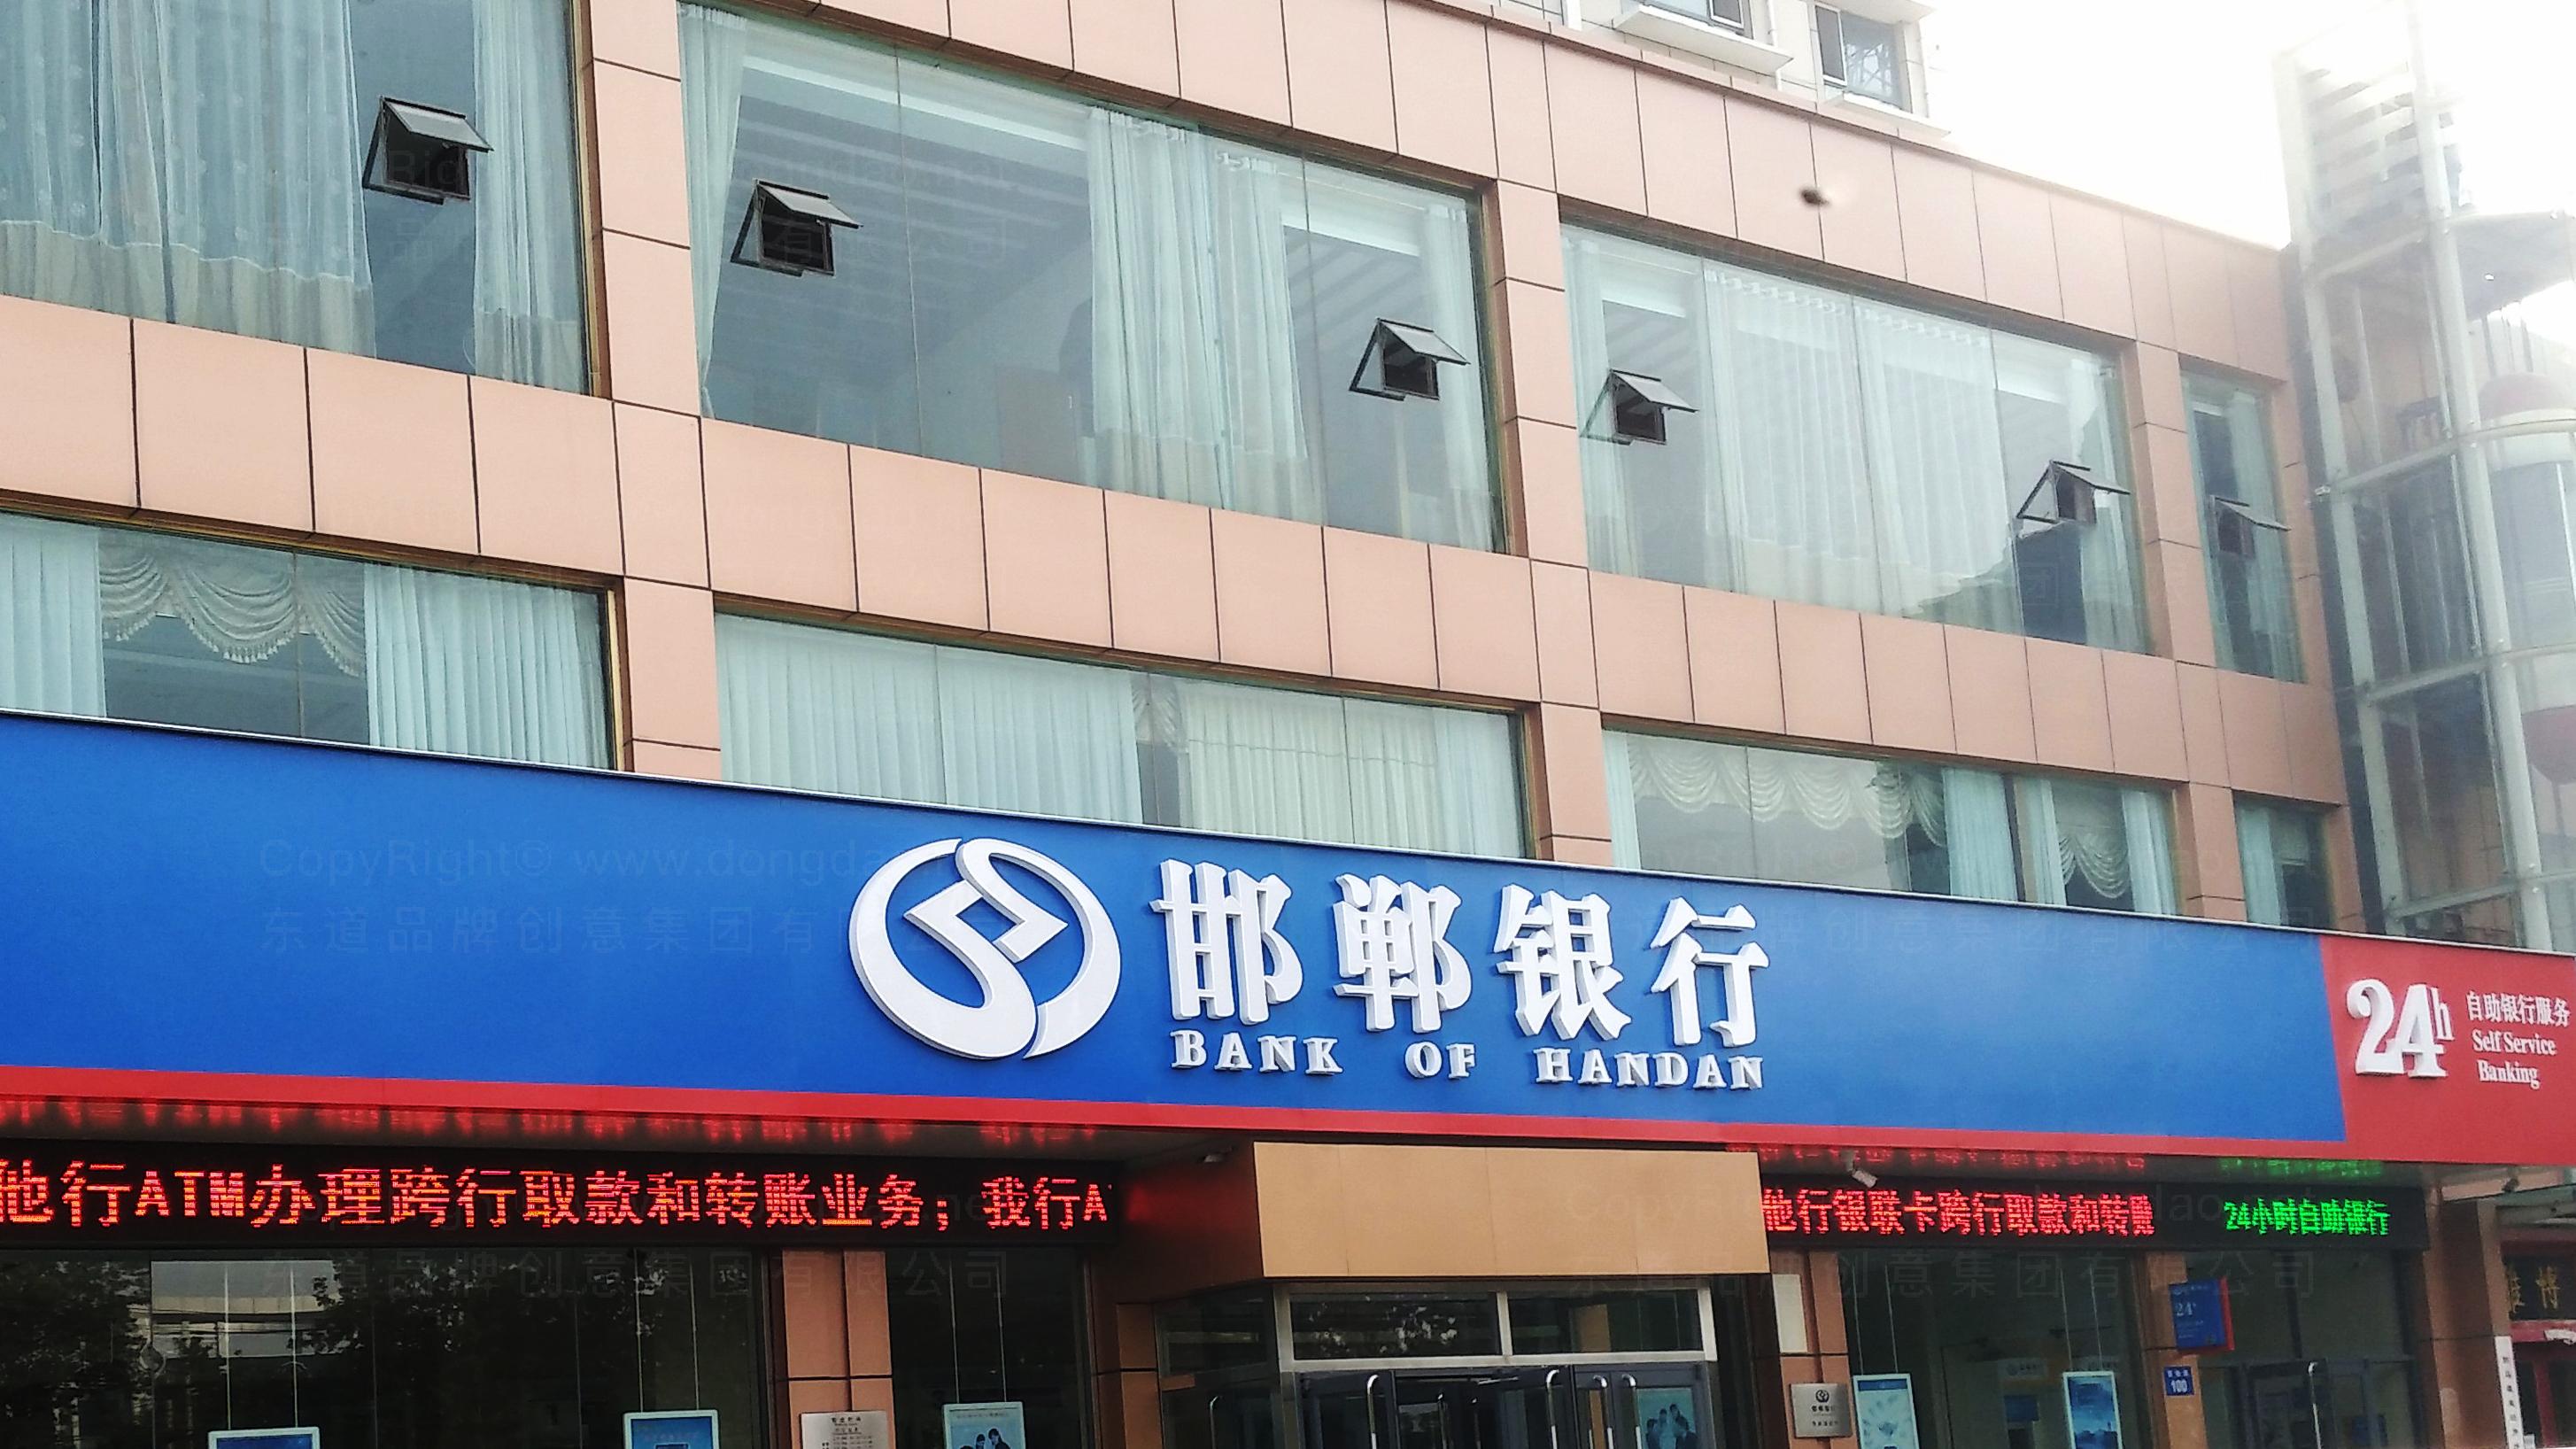 落地工程邯郸银行标识工程应用场景_15